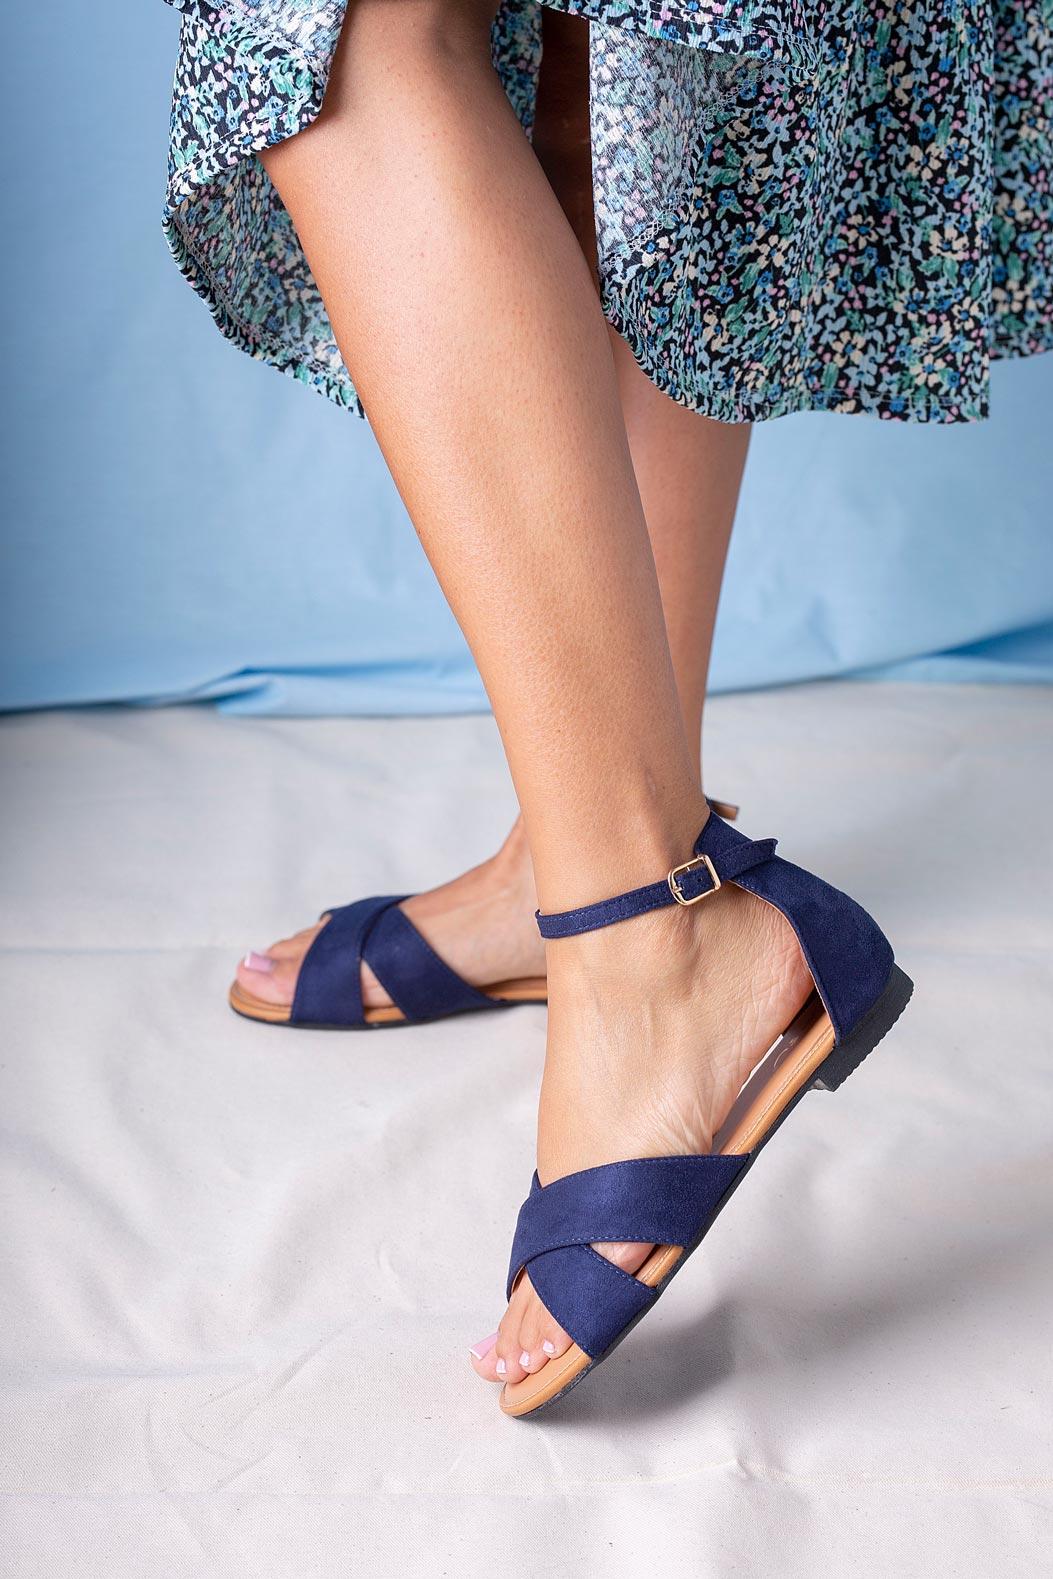 Granatowe sandały płaskie z zakrytą piętą i paskiem wokół kostki Casu RT20X2/N model RT20X2/N